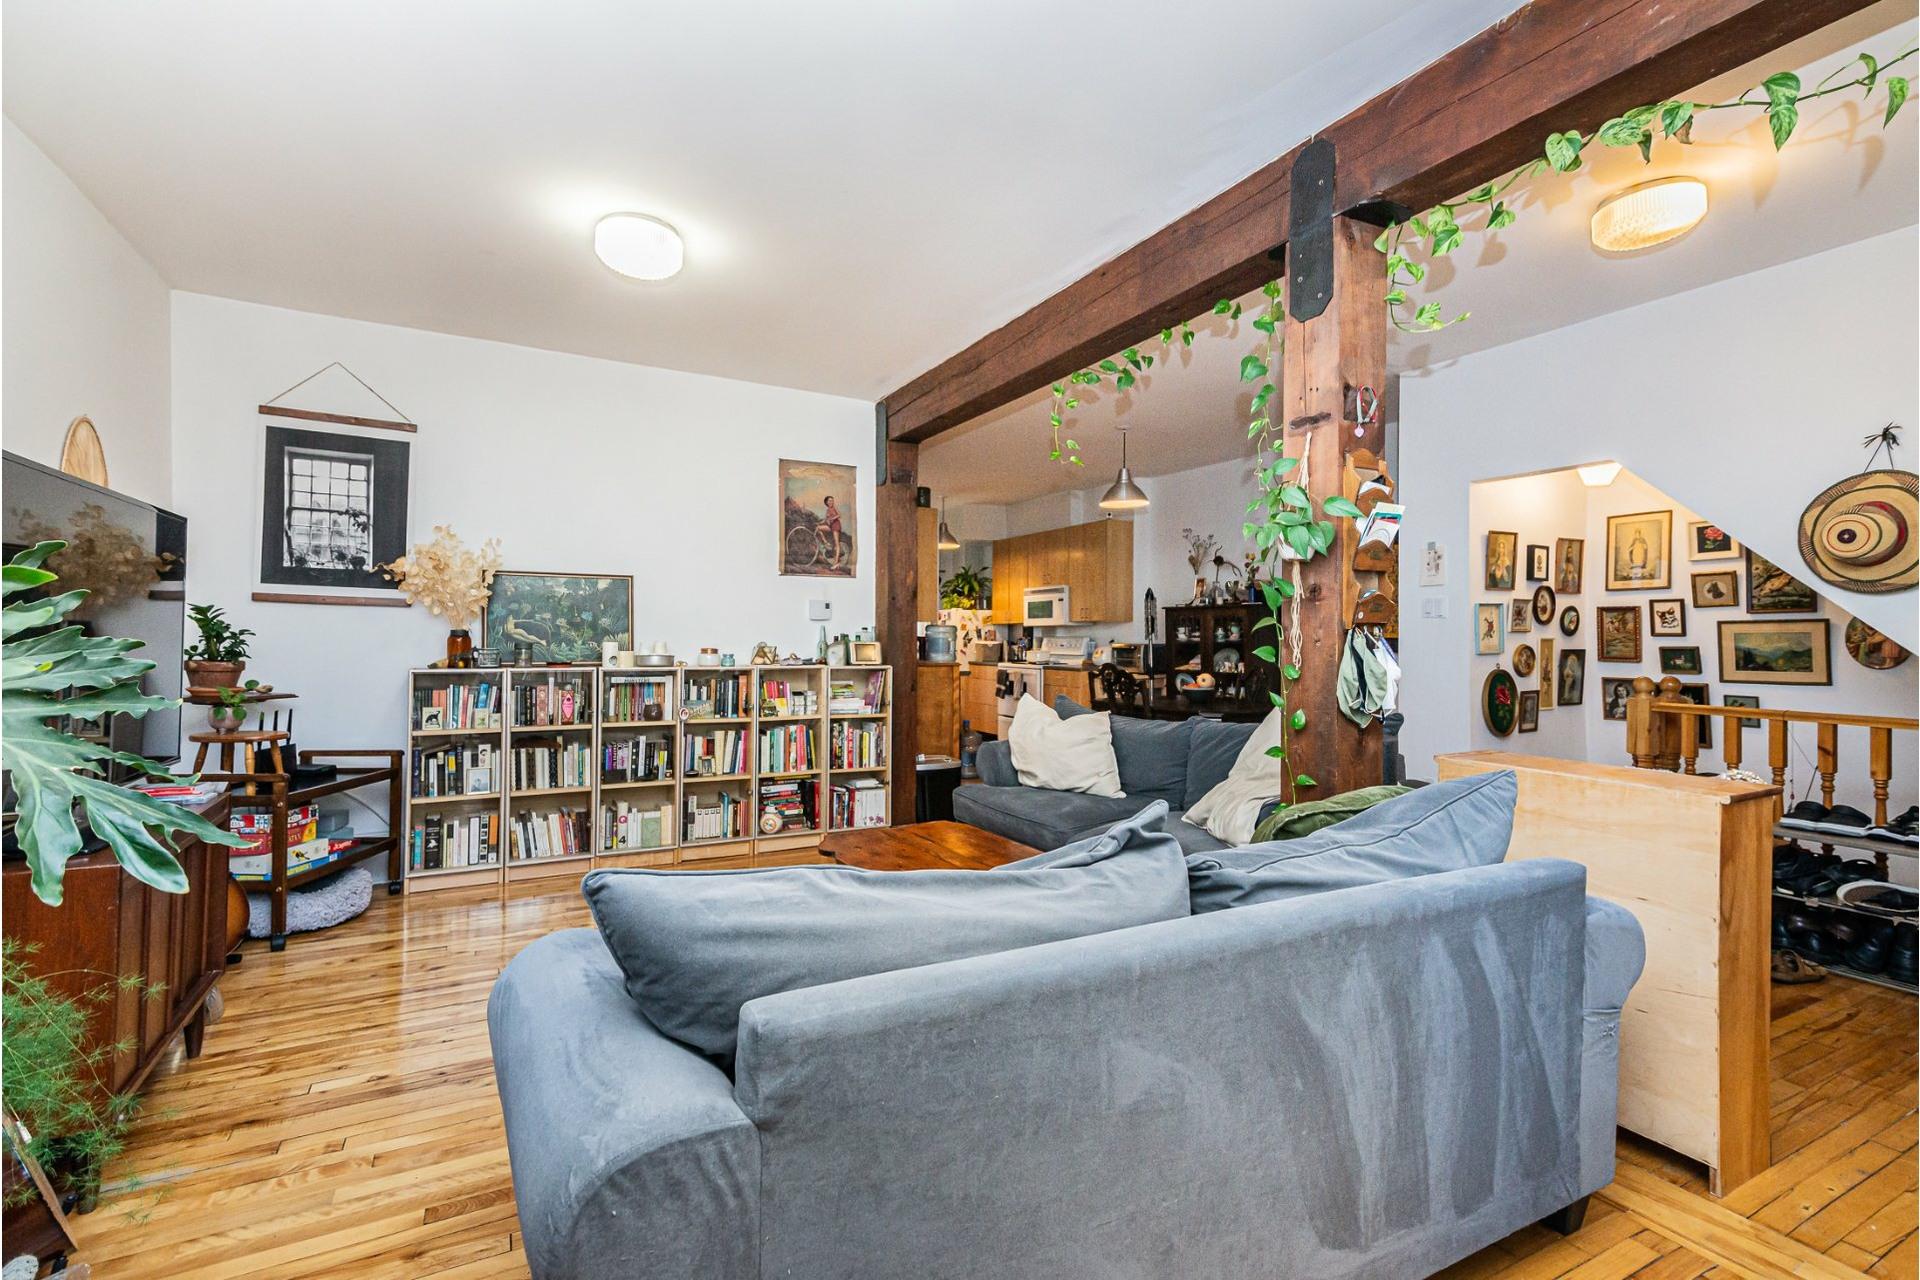 image 2 - Duplex À vendre Côte-des-Neiges/Notre-Dame-de-Grâce Montréal  - 5 pièces